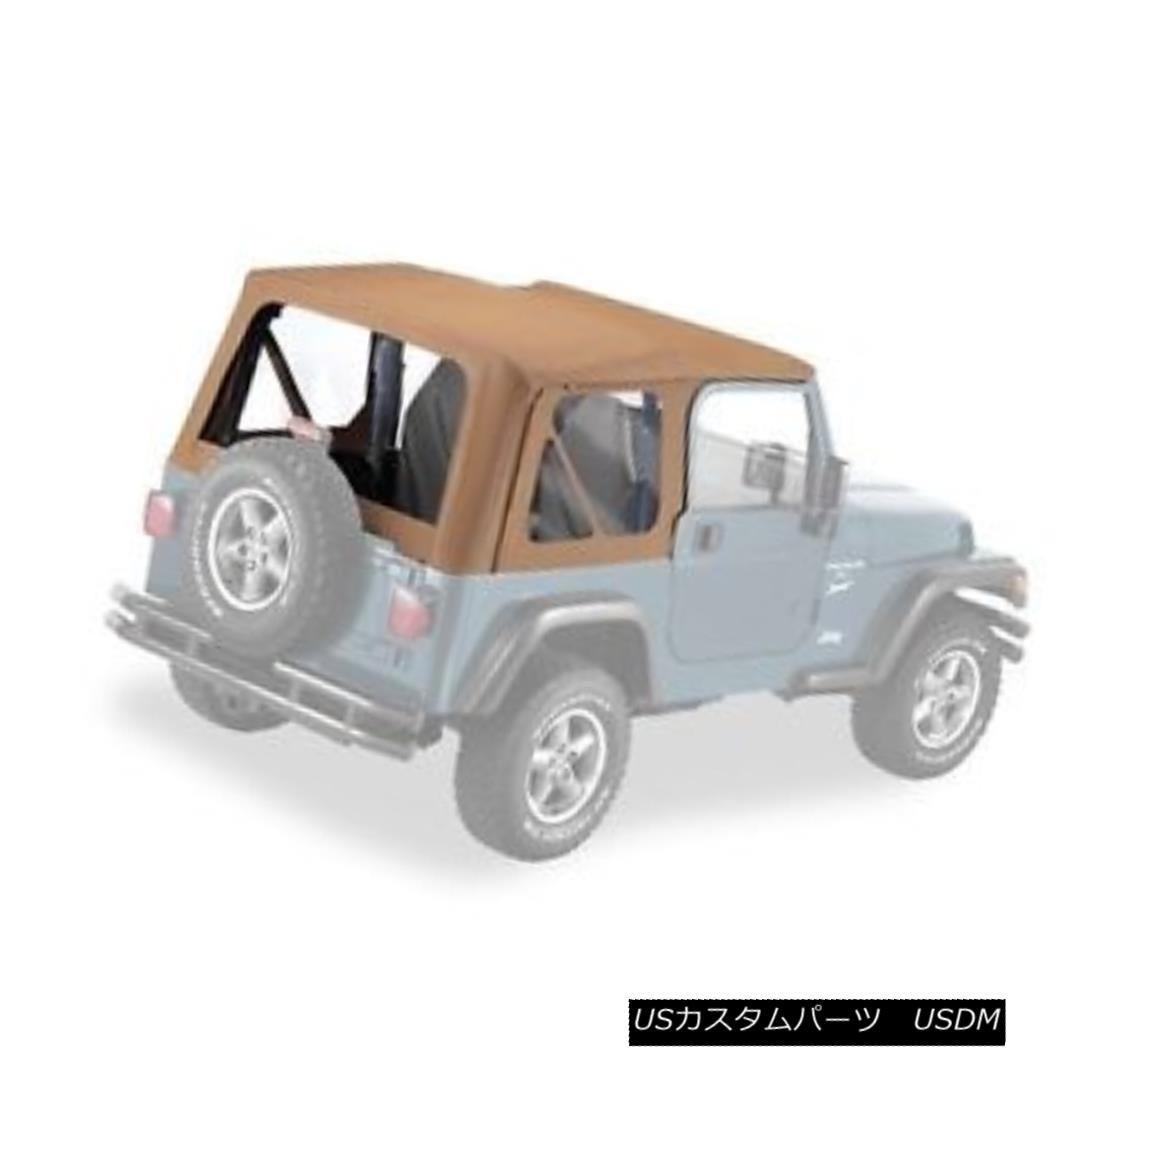 幌・ソフトトップ Pavement Ends Replay Top 97-06 Jeep Wrangler TJ Clear Windows Spice 舗装終了リプレイトップ97-06ジープラングラーTJクリアWindowsスパイス